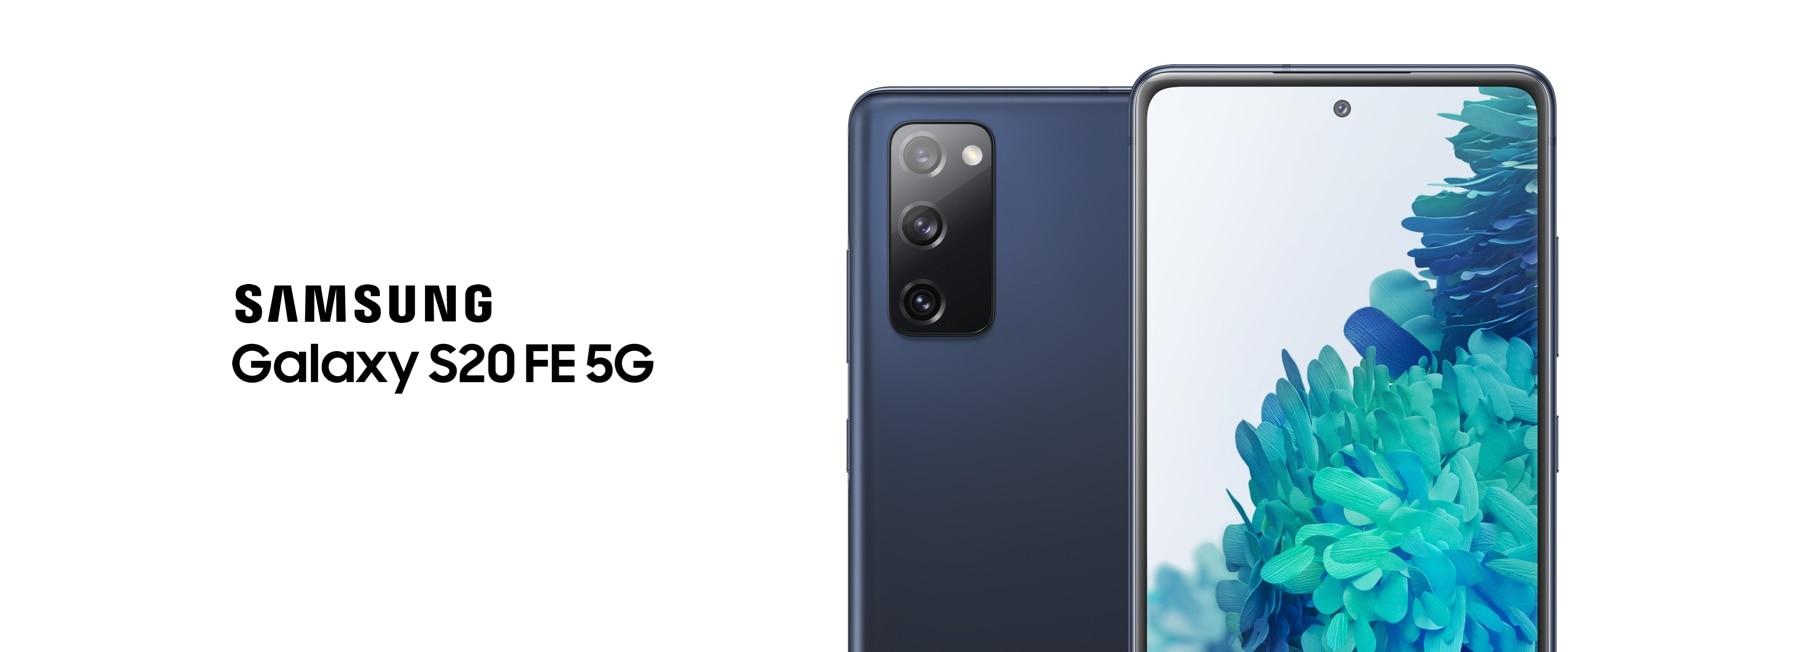 Descubre el Samsung Galaxy S20 FE 5G